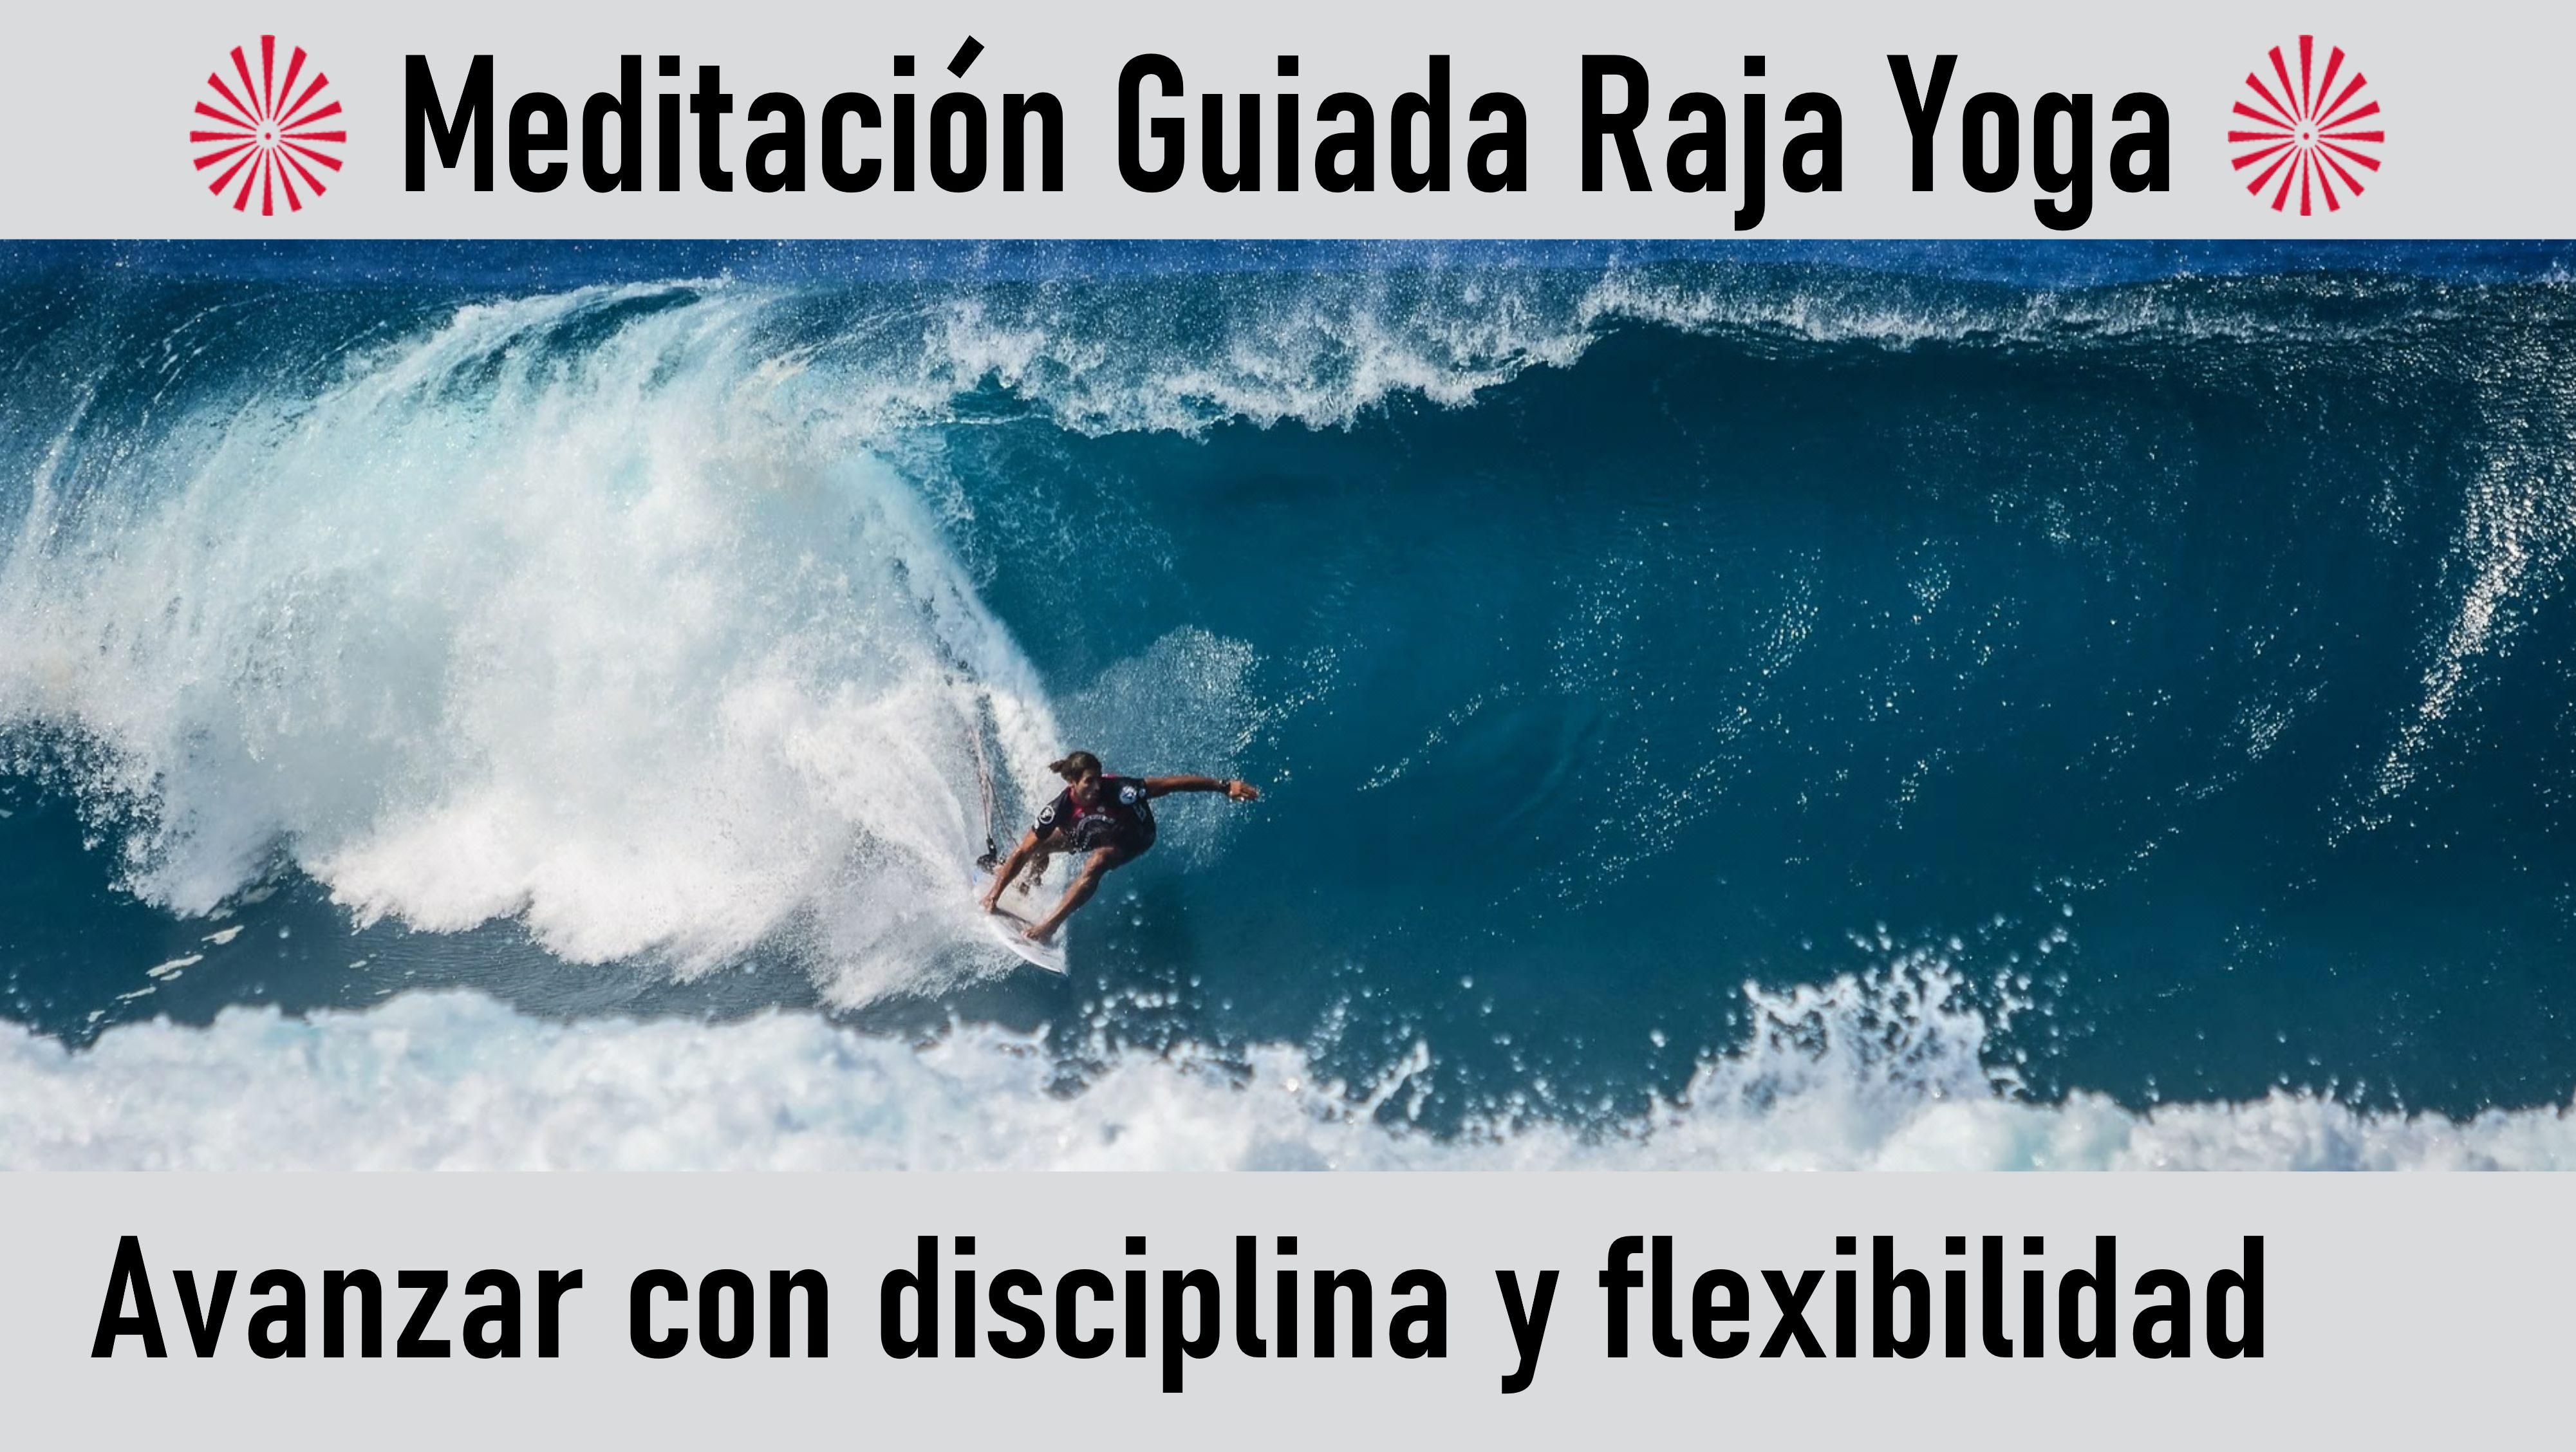 15 Agosto 2020 Meditación guiada: Avanzar con disciplina y flexibilidad